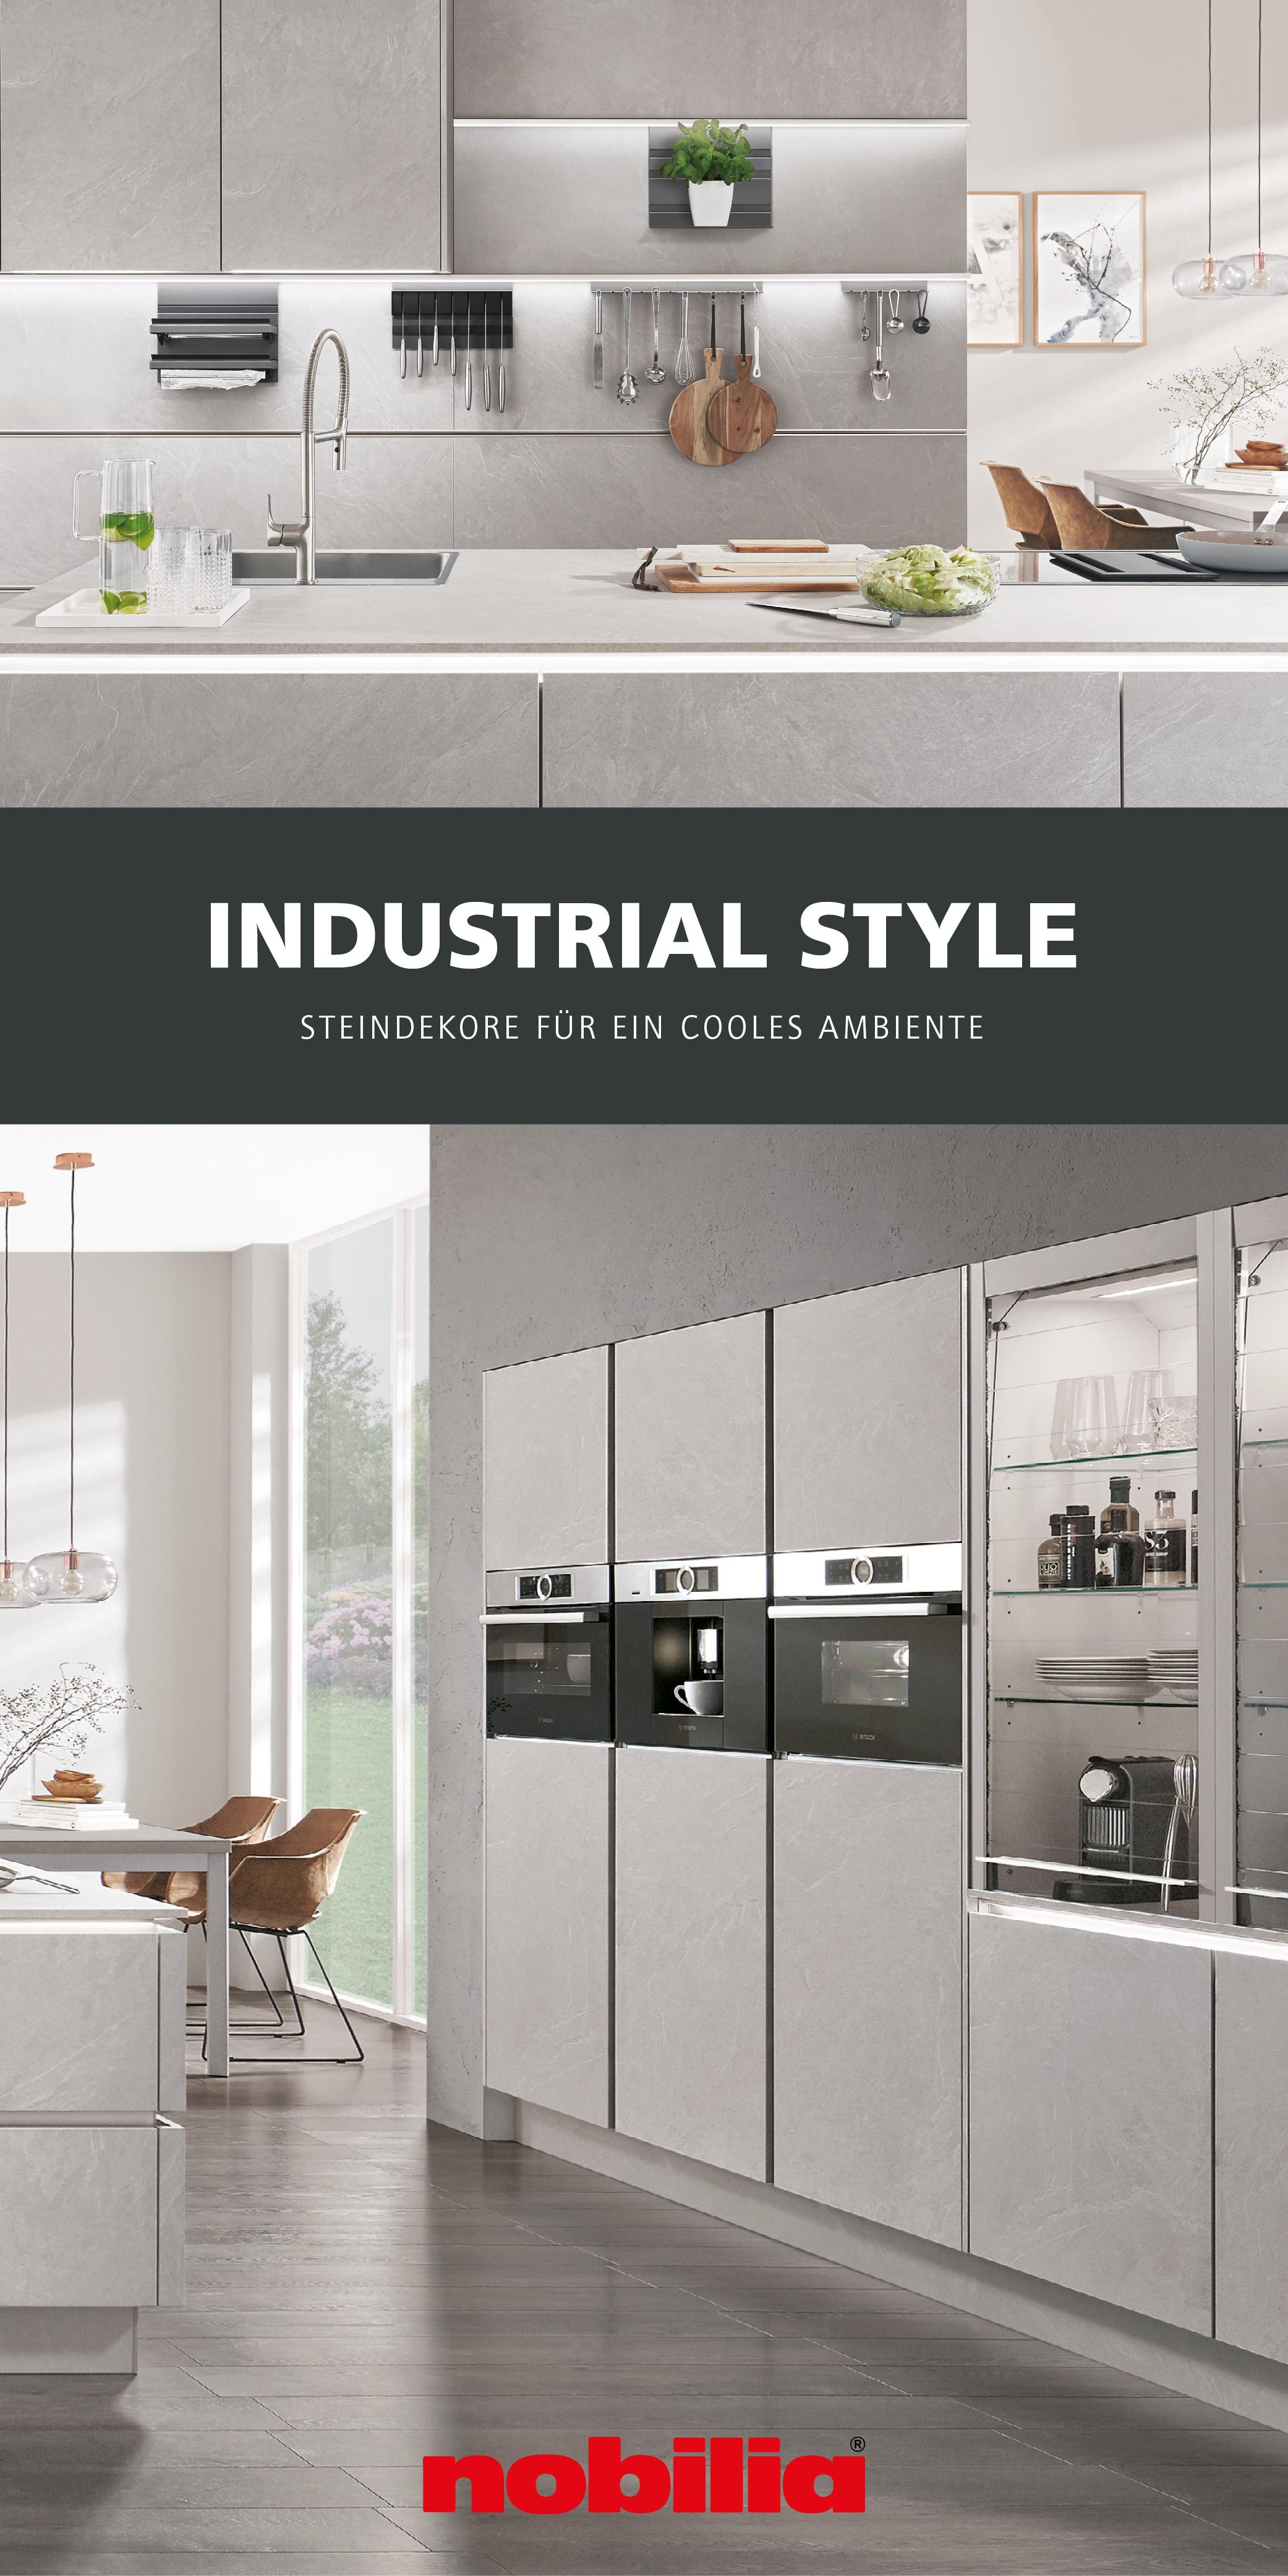 Industrial Style In Der Kuche Kuche Beton Kuche Nobilia Kuchen